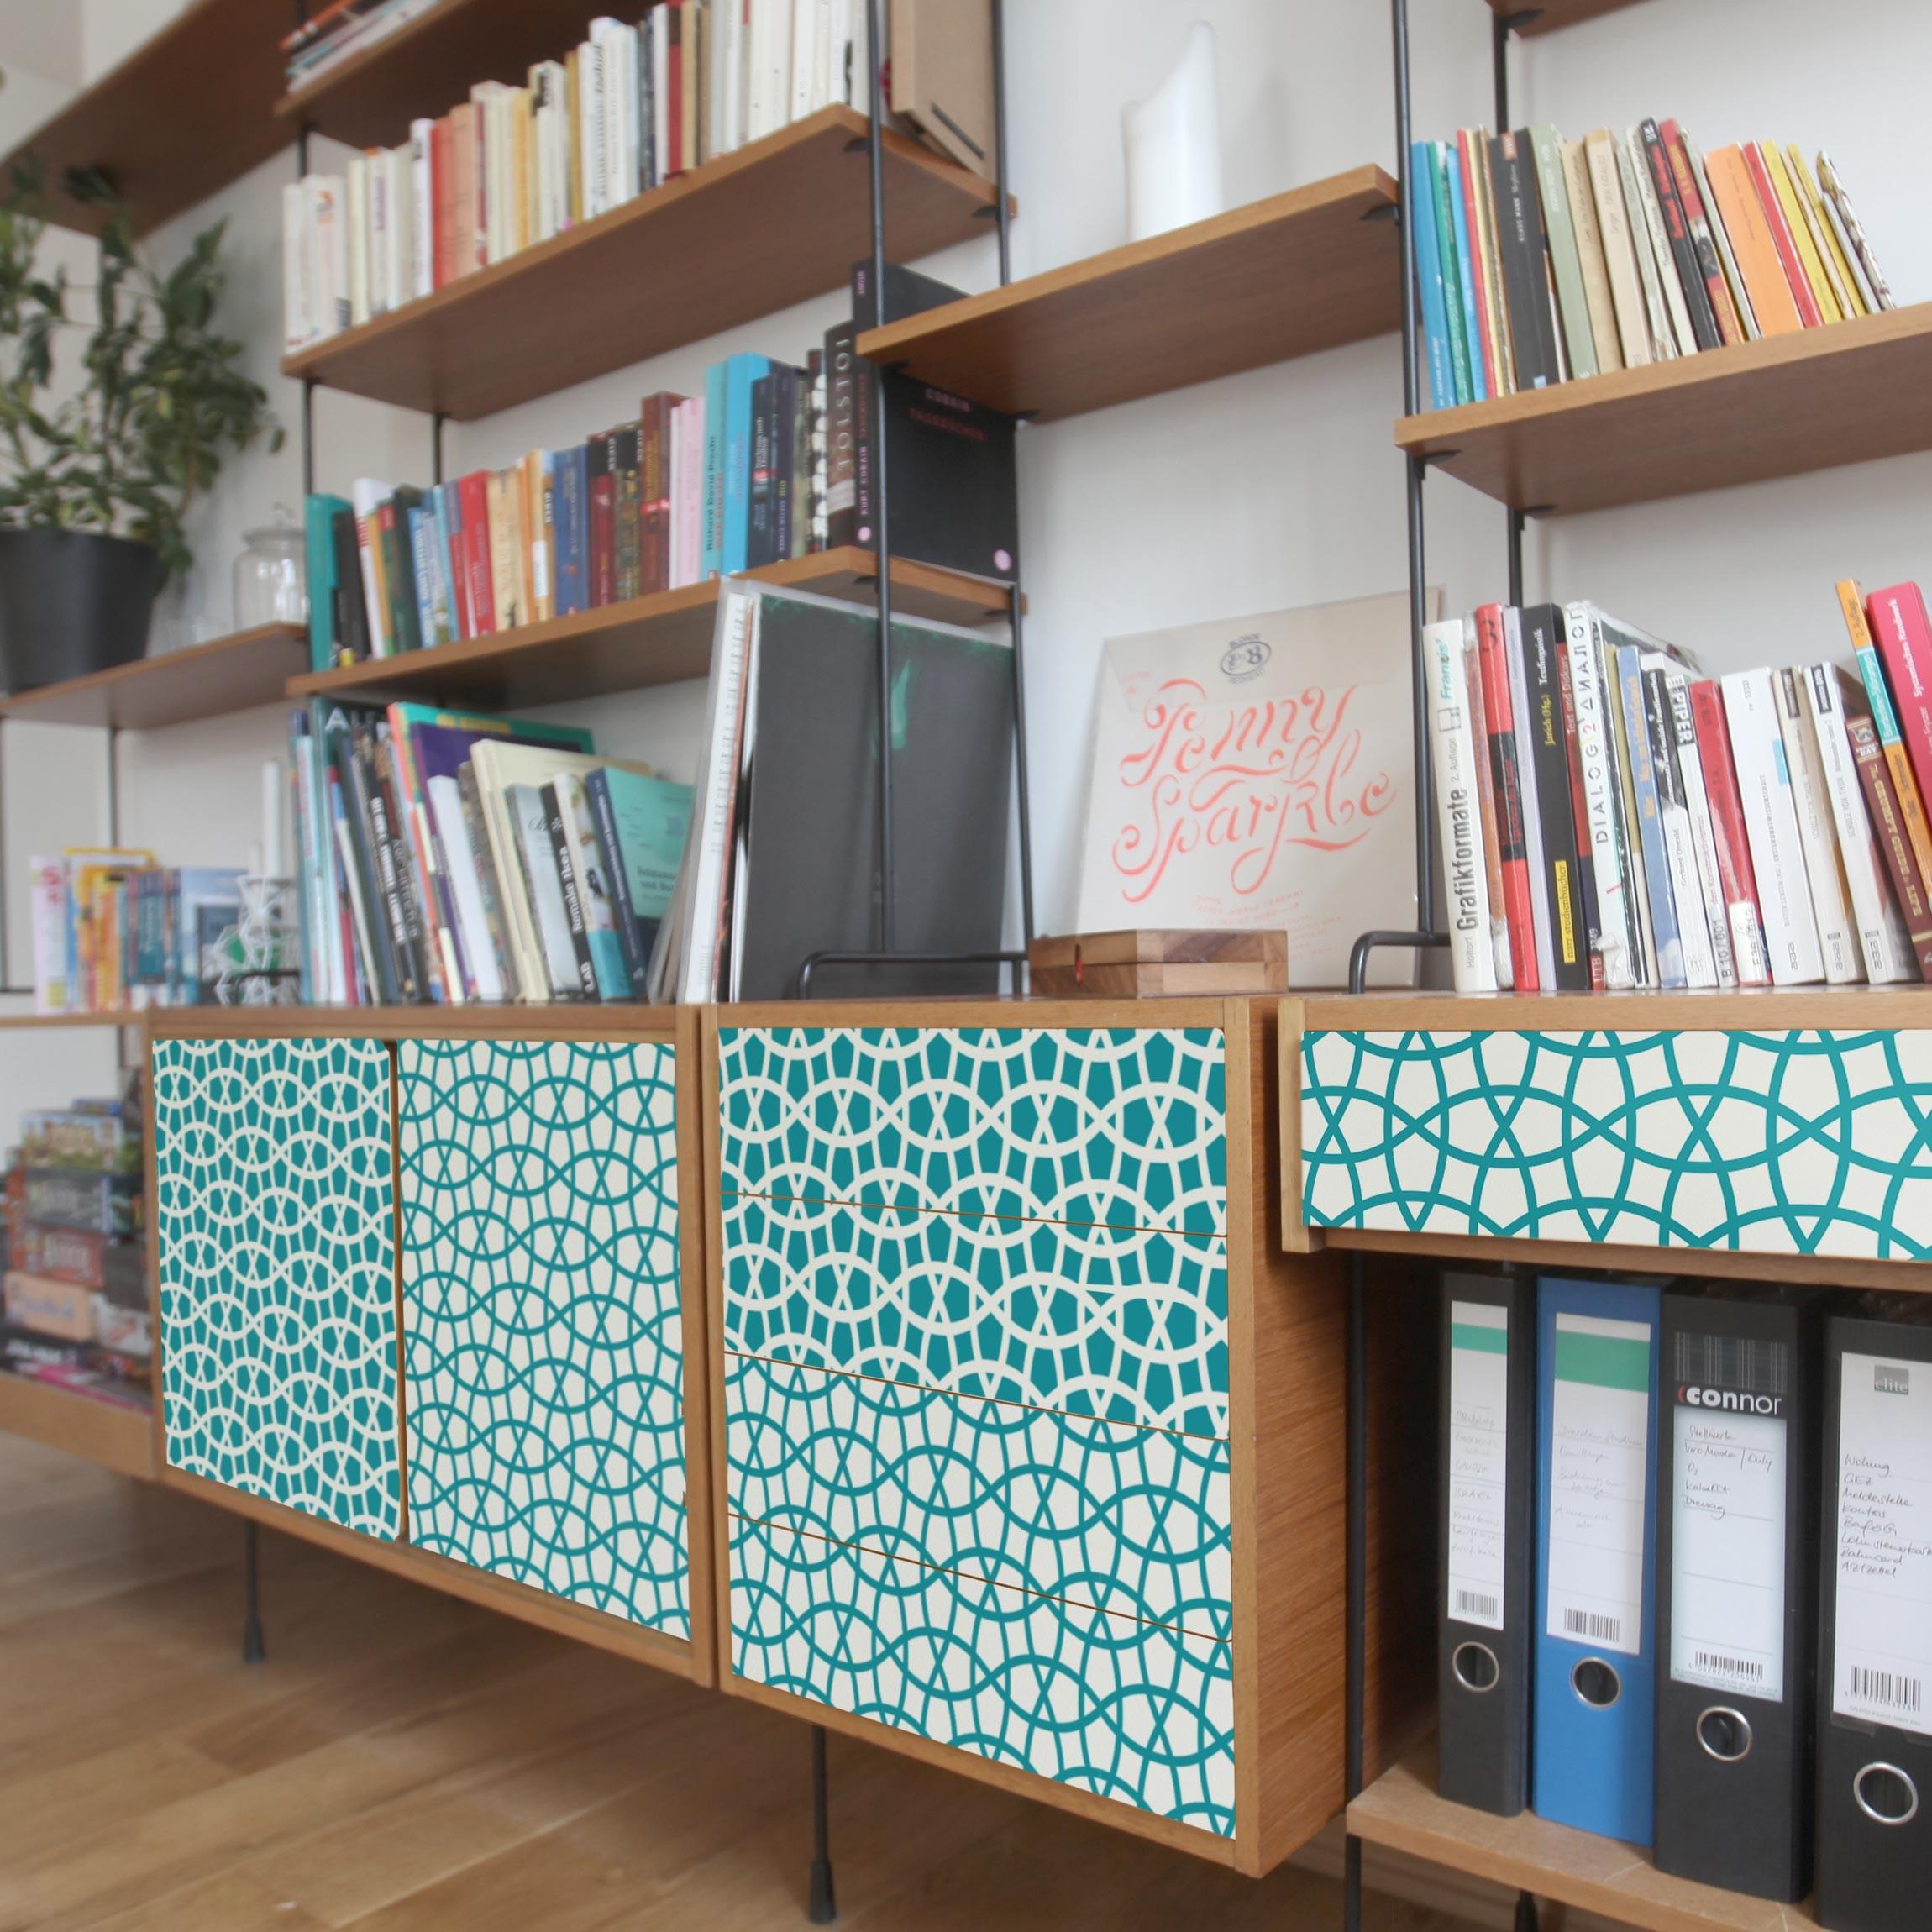 Carta adesiva per mobili 2 moroccan mosaic pattern moroccan chic - Carta per ricoprire mobili ...